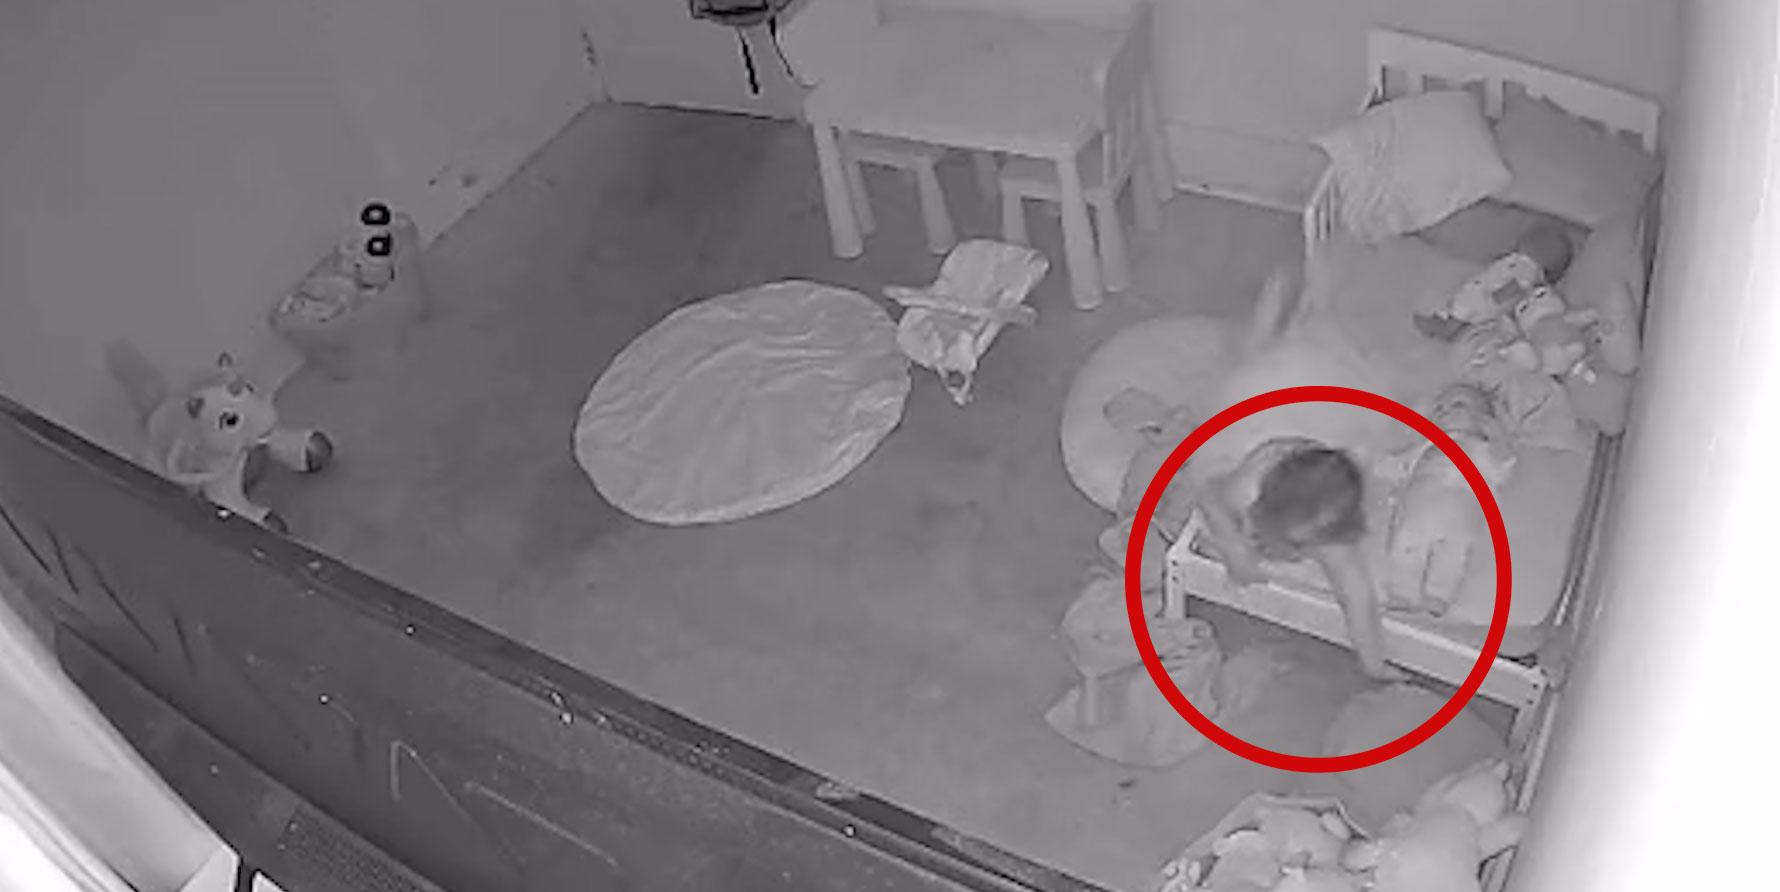 Папа онемел от страха, когда увидел на кадрах с видеоняни, как его дочку кто-то тянет под кровать